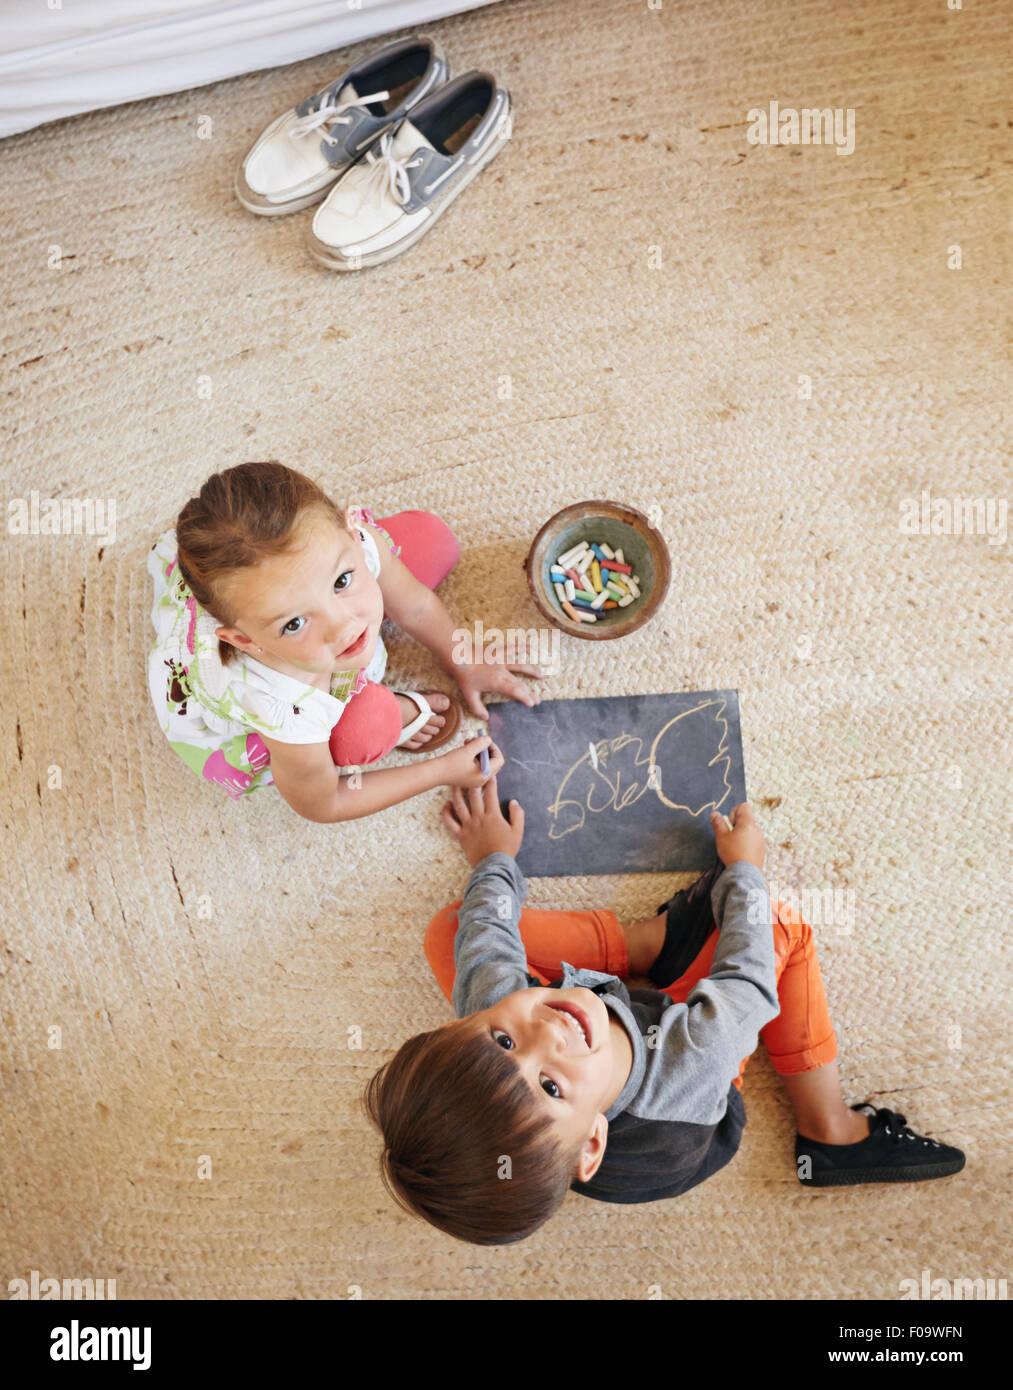 Vista superior de dos niños pequeños sentados en el piso, mirando hacia la cámara mientras dibujo. Imagen De Stock